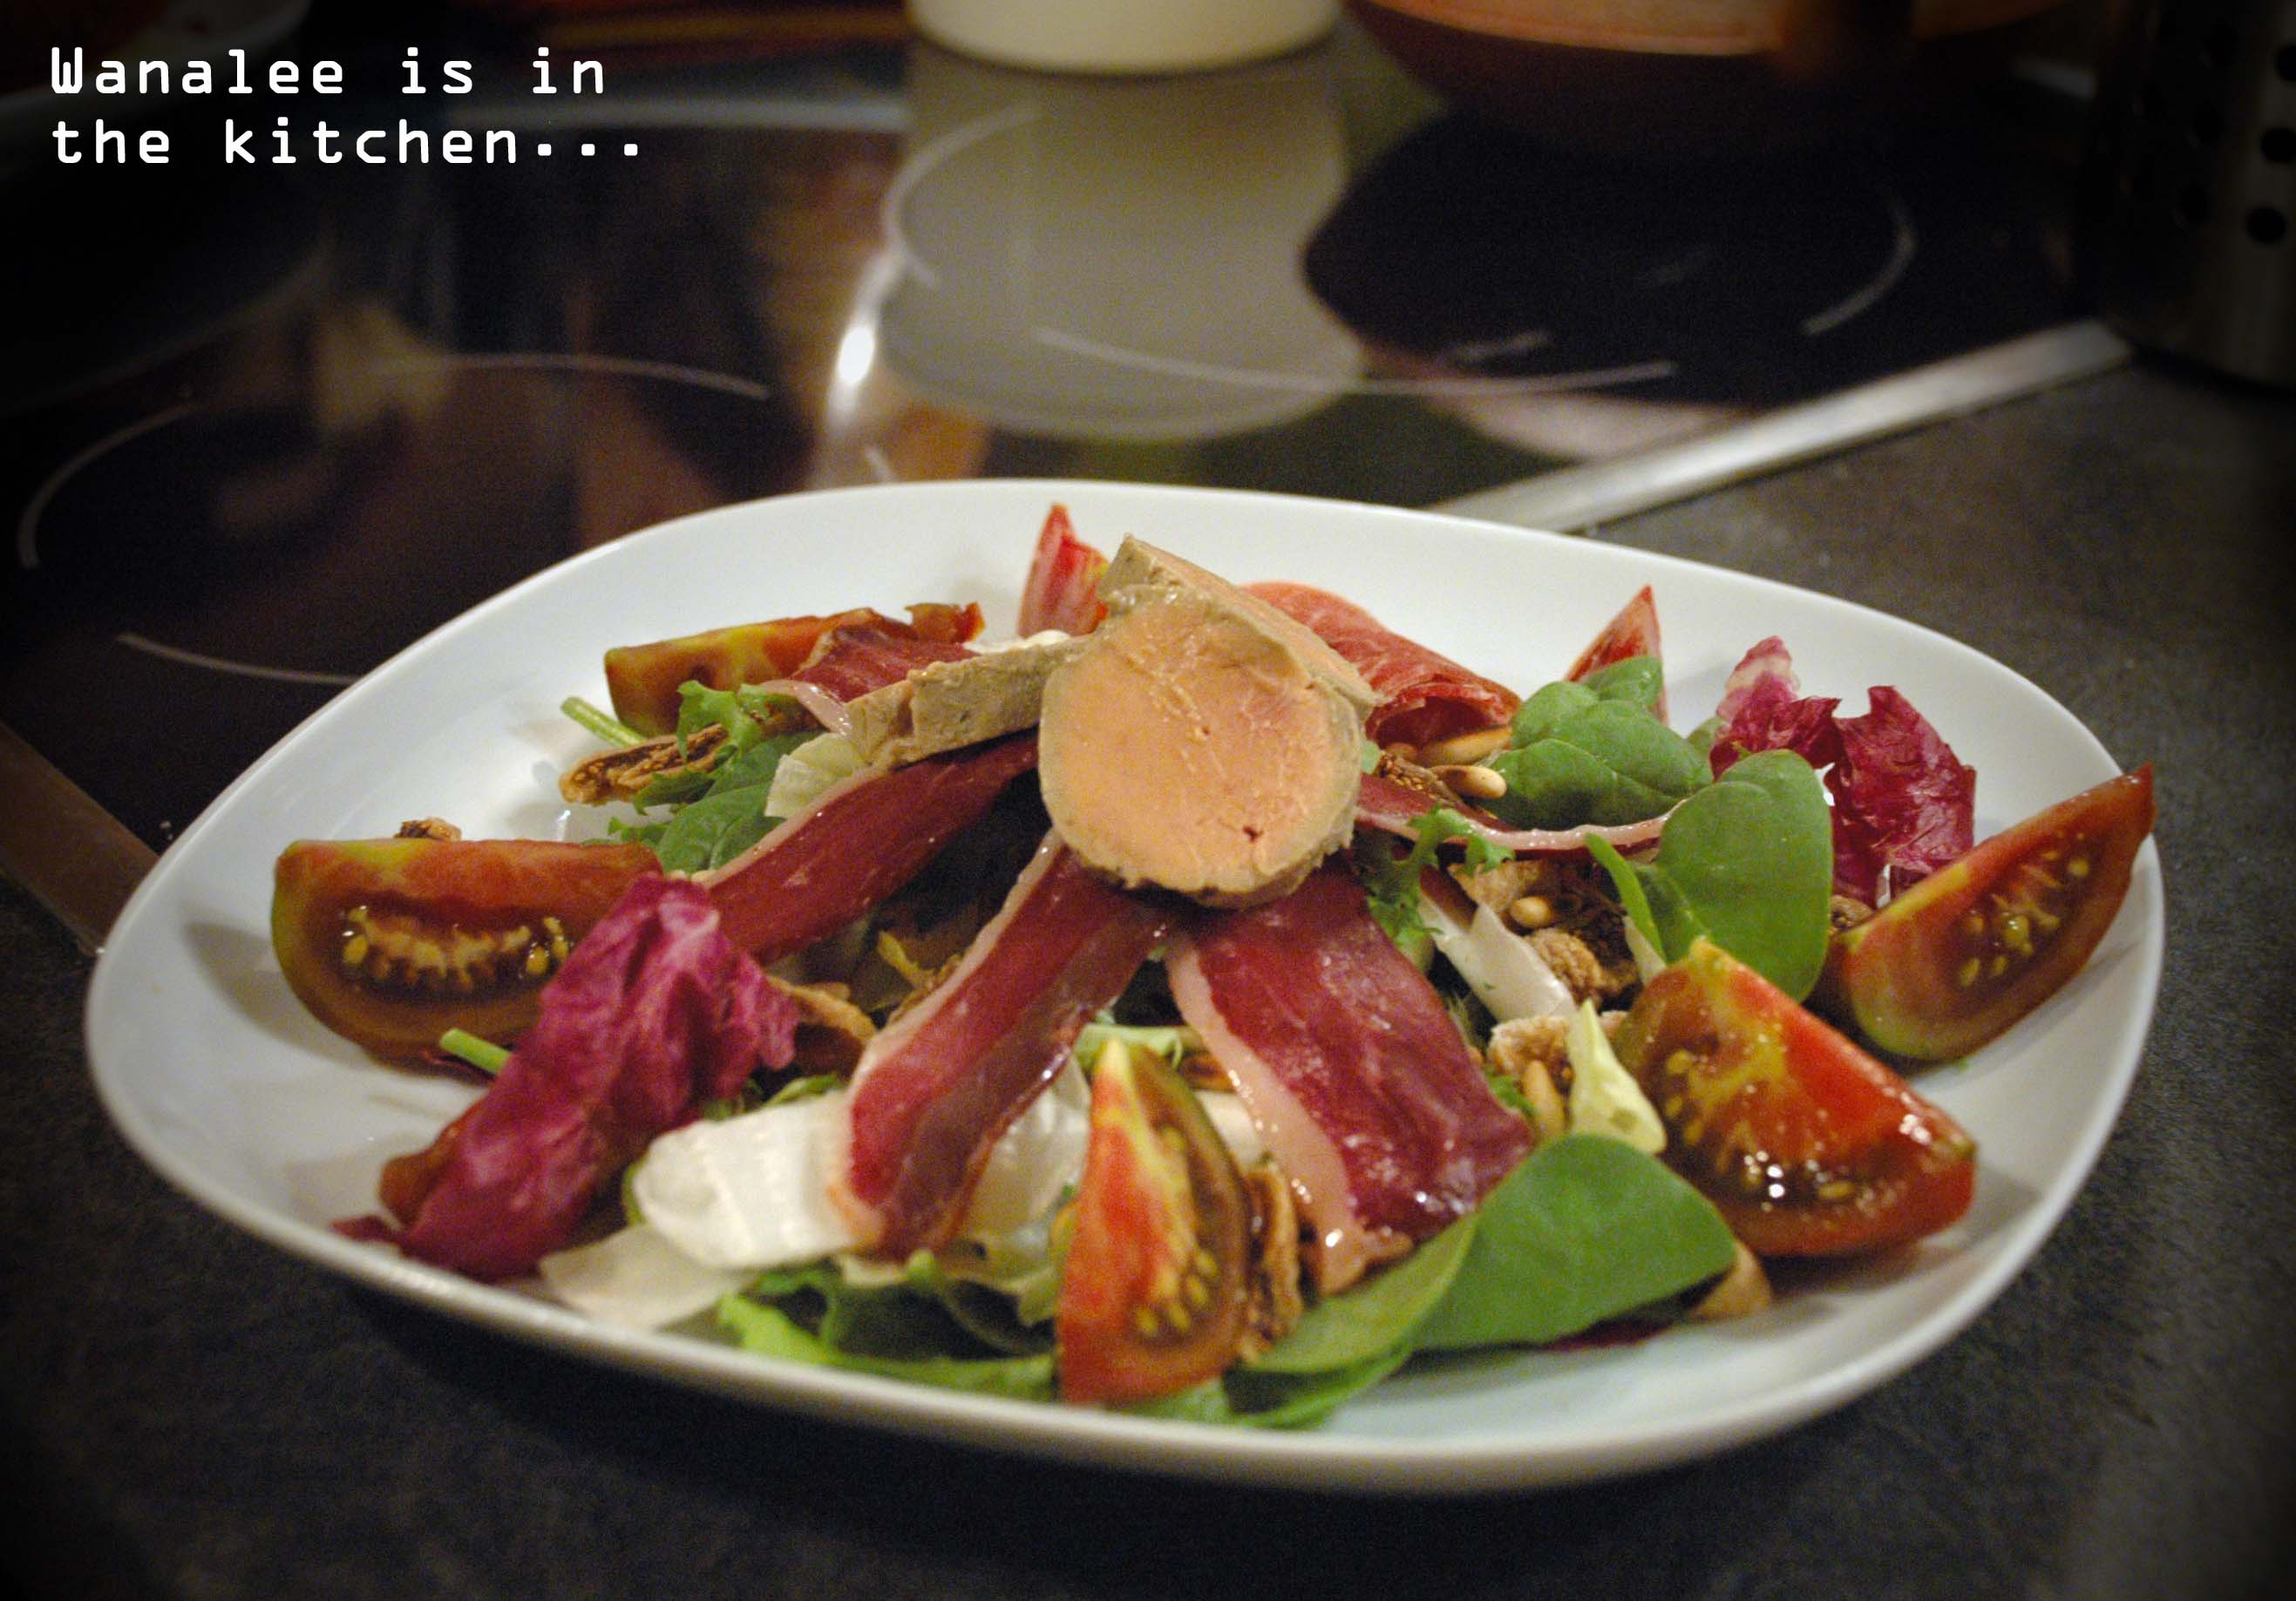 Salade p rigourdine wanalee cuisine - Dosage sel et poivre pour foie gras ...